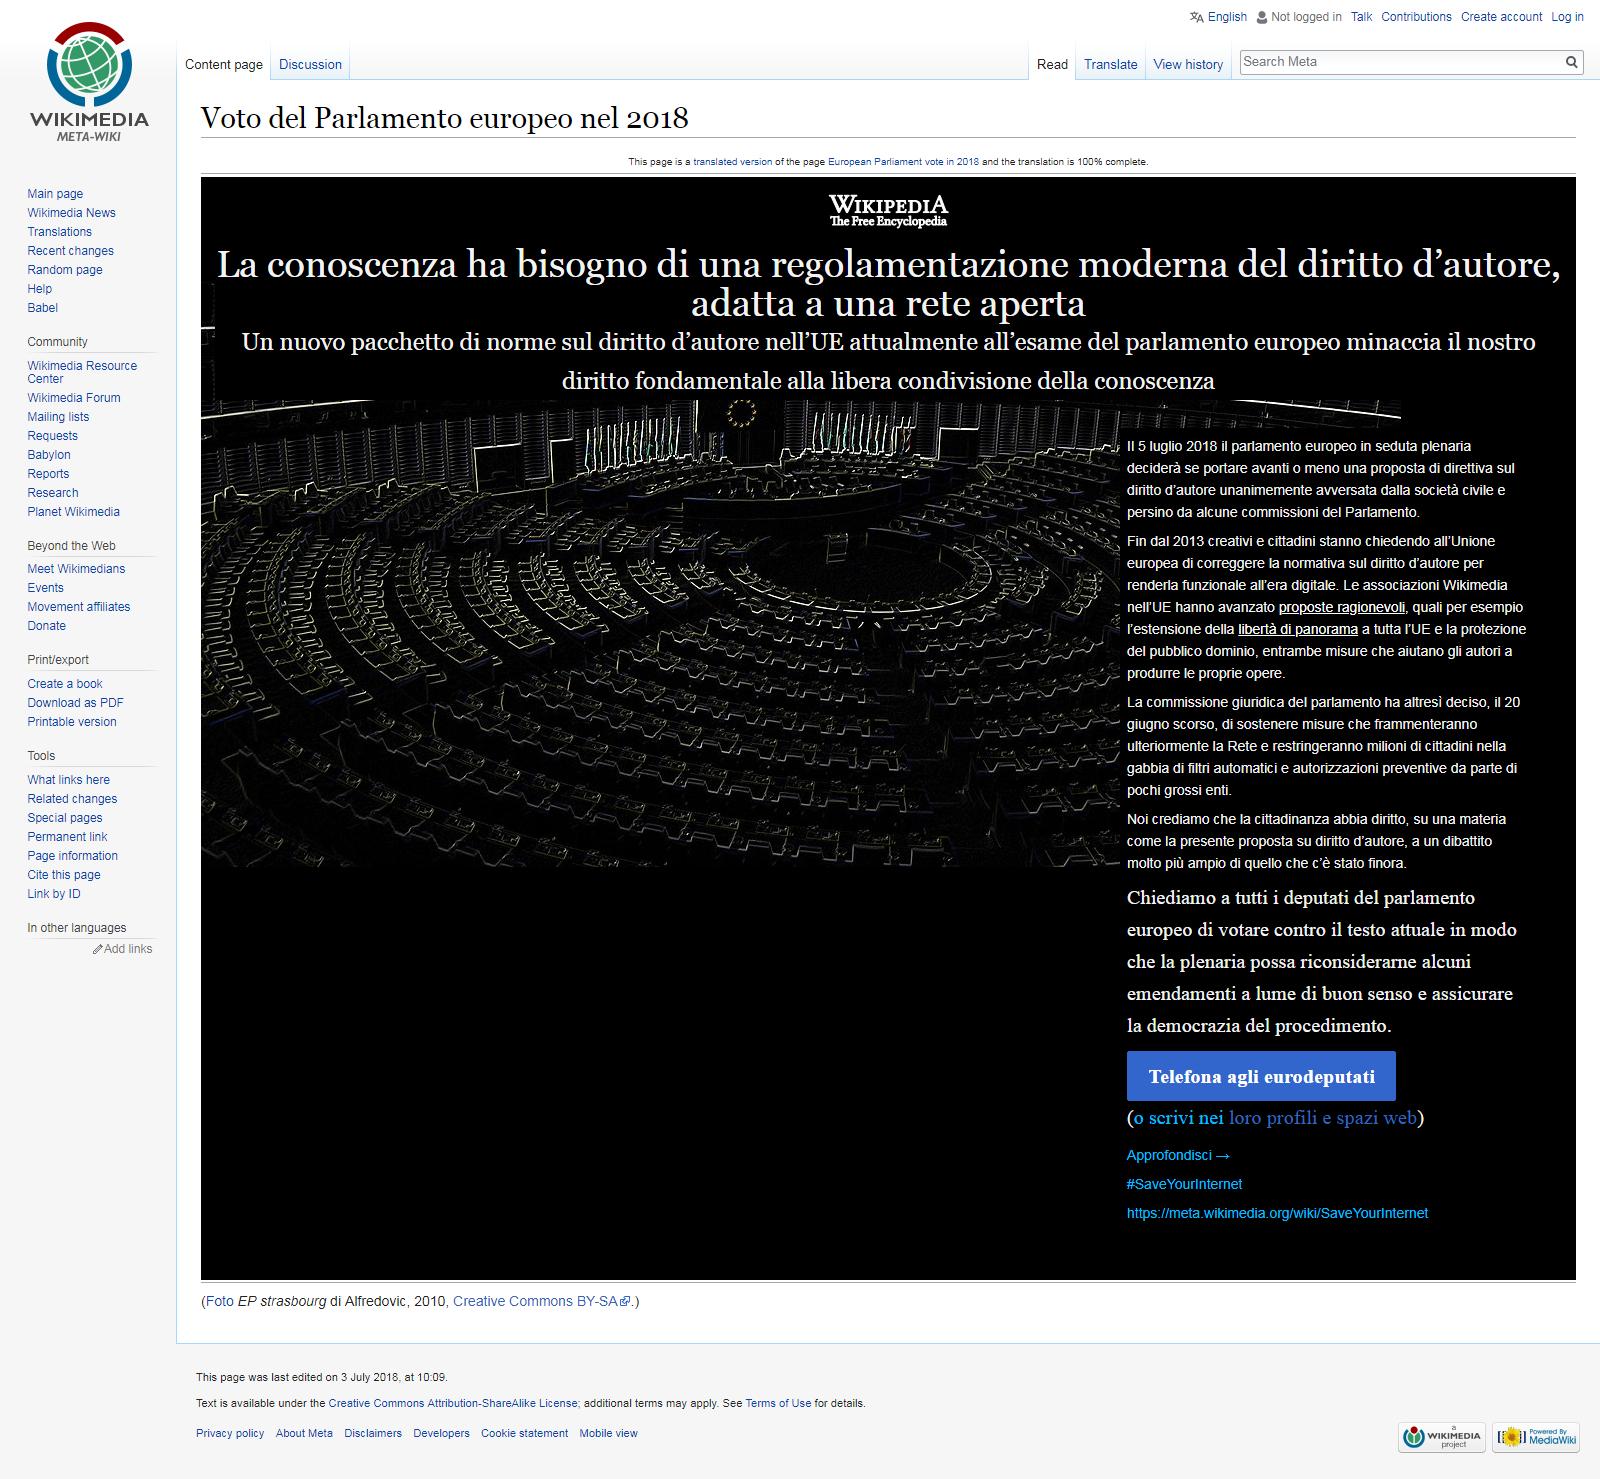 Wikipedia oscurata in polemica con il Parlamento europeo